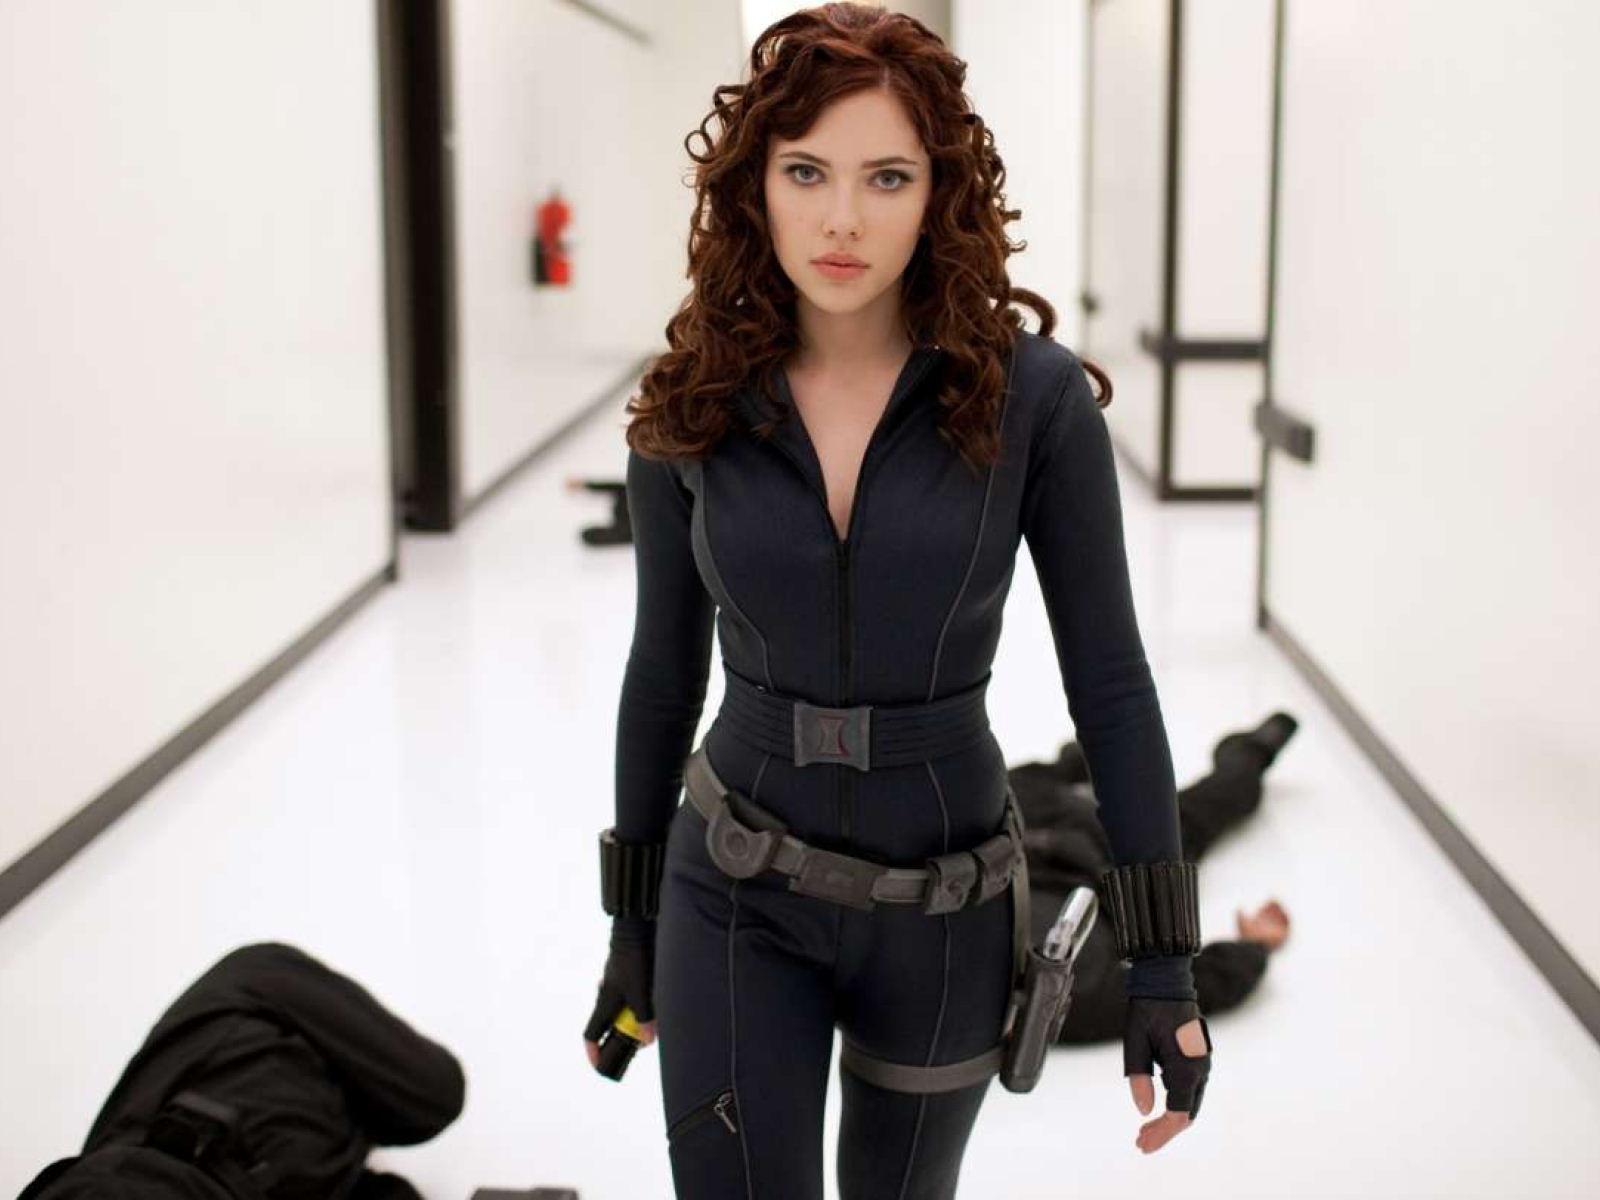 HD Wallpapers Black Widow   Scarlett Johansson   The Avengers 1 1600x1200